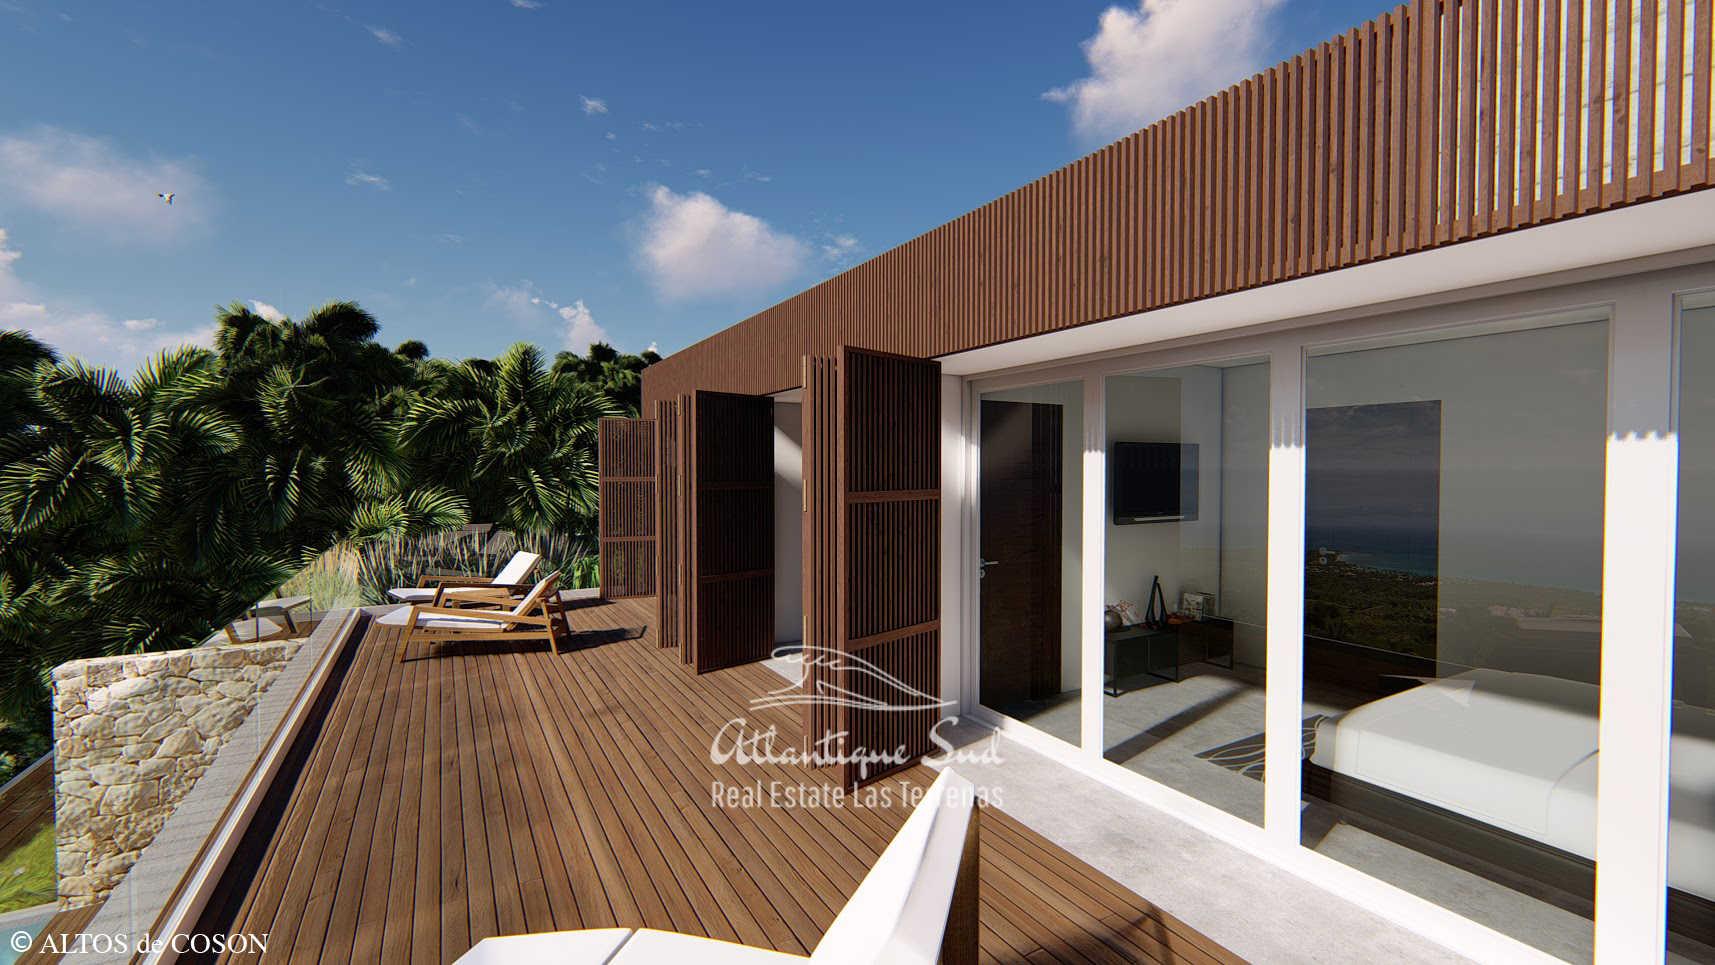 Lots with villas to build in Coson las terrenas3.jpg